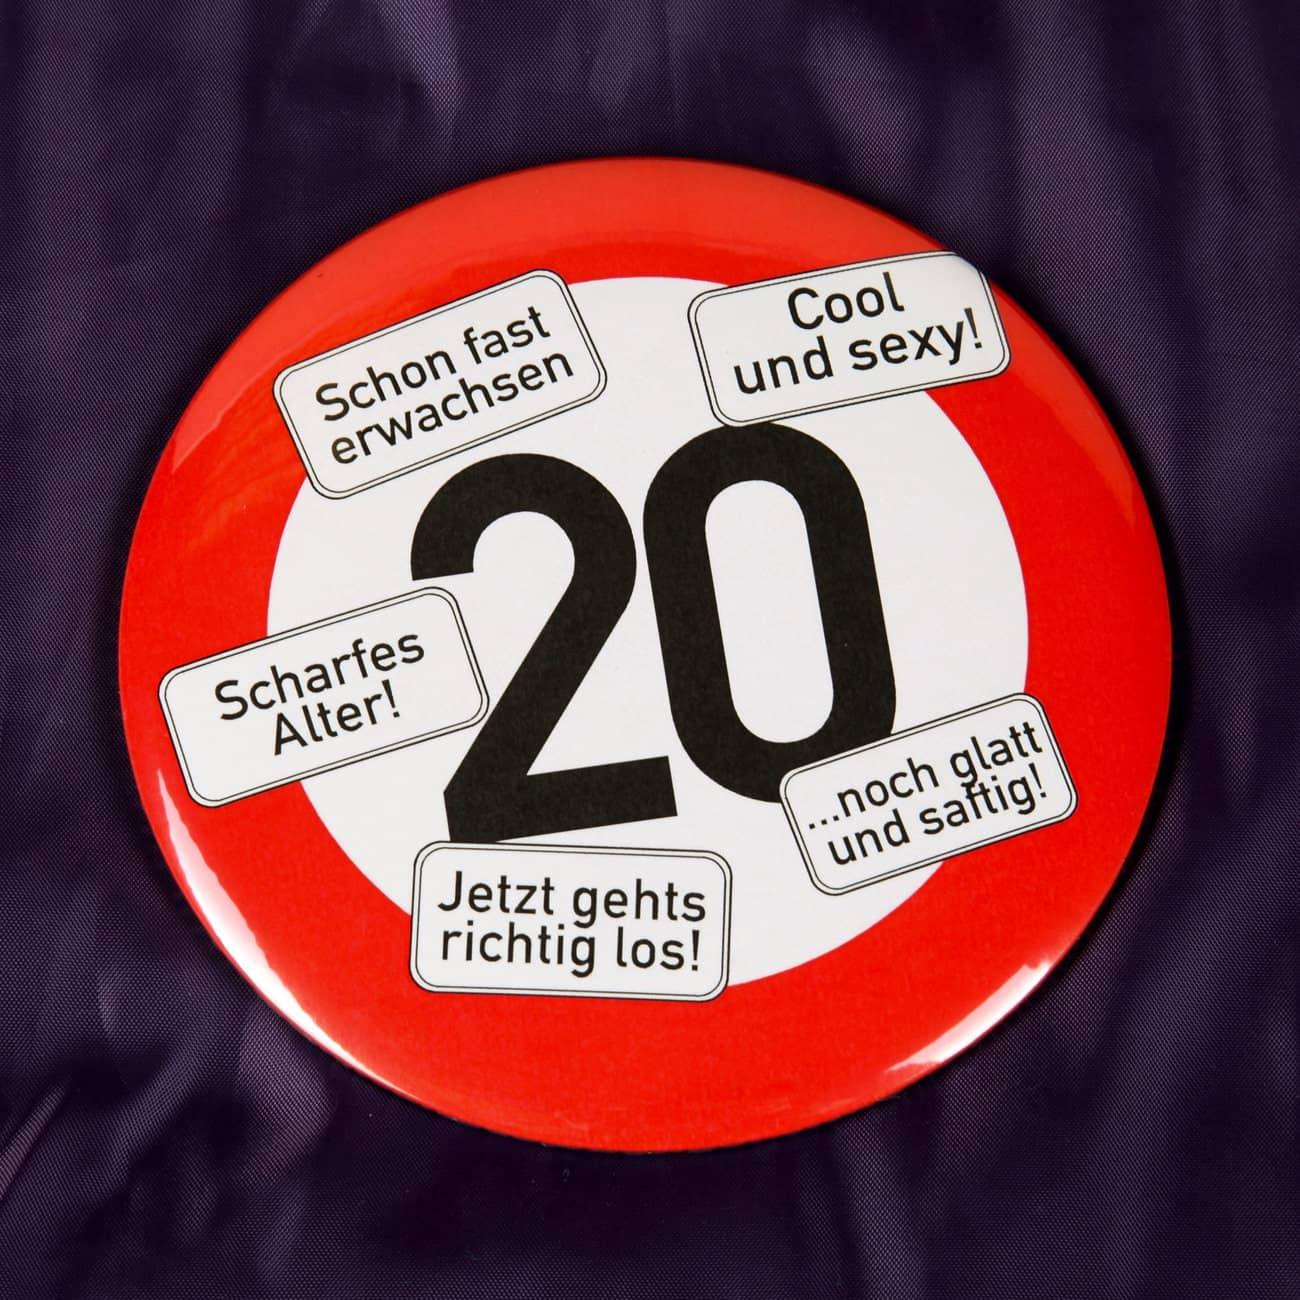 Glückwünsche Zum 20. Geburtstag Lustig